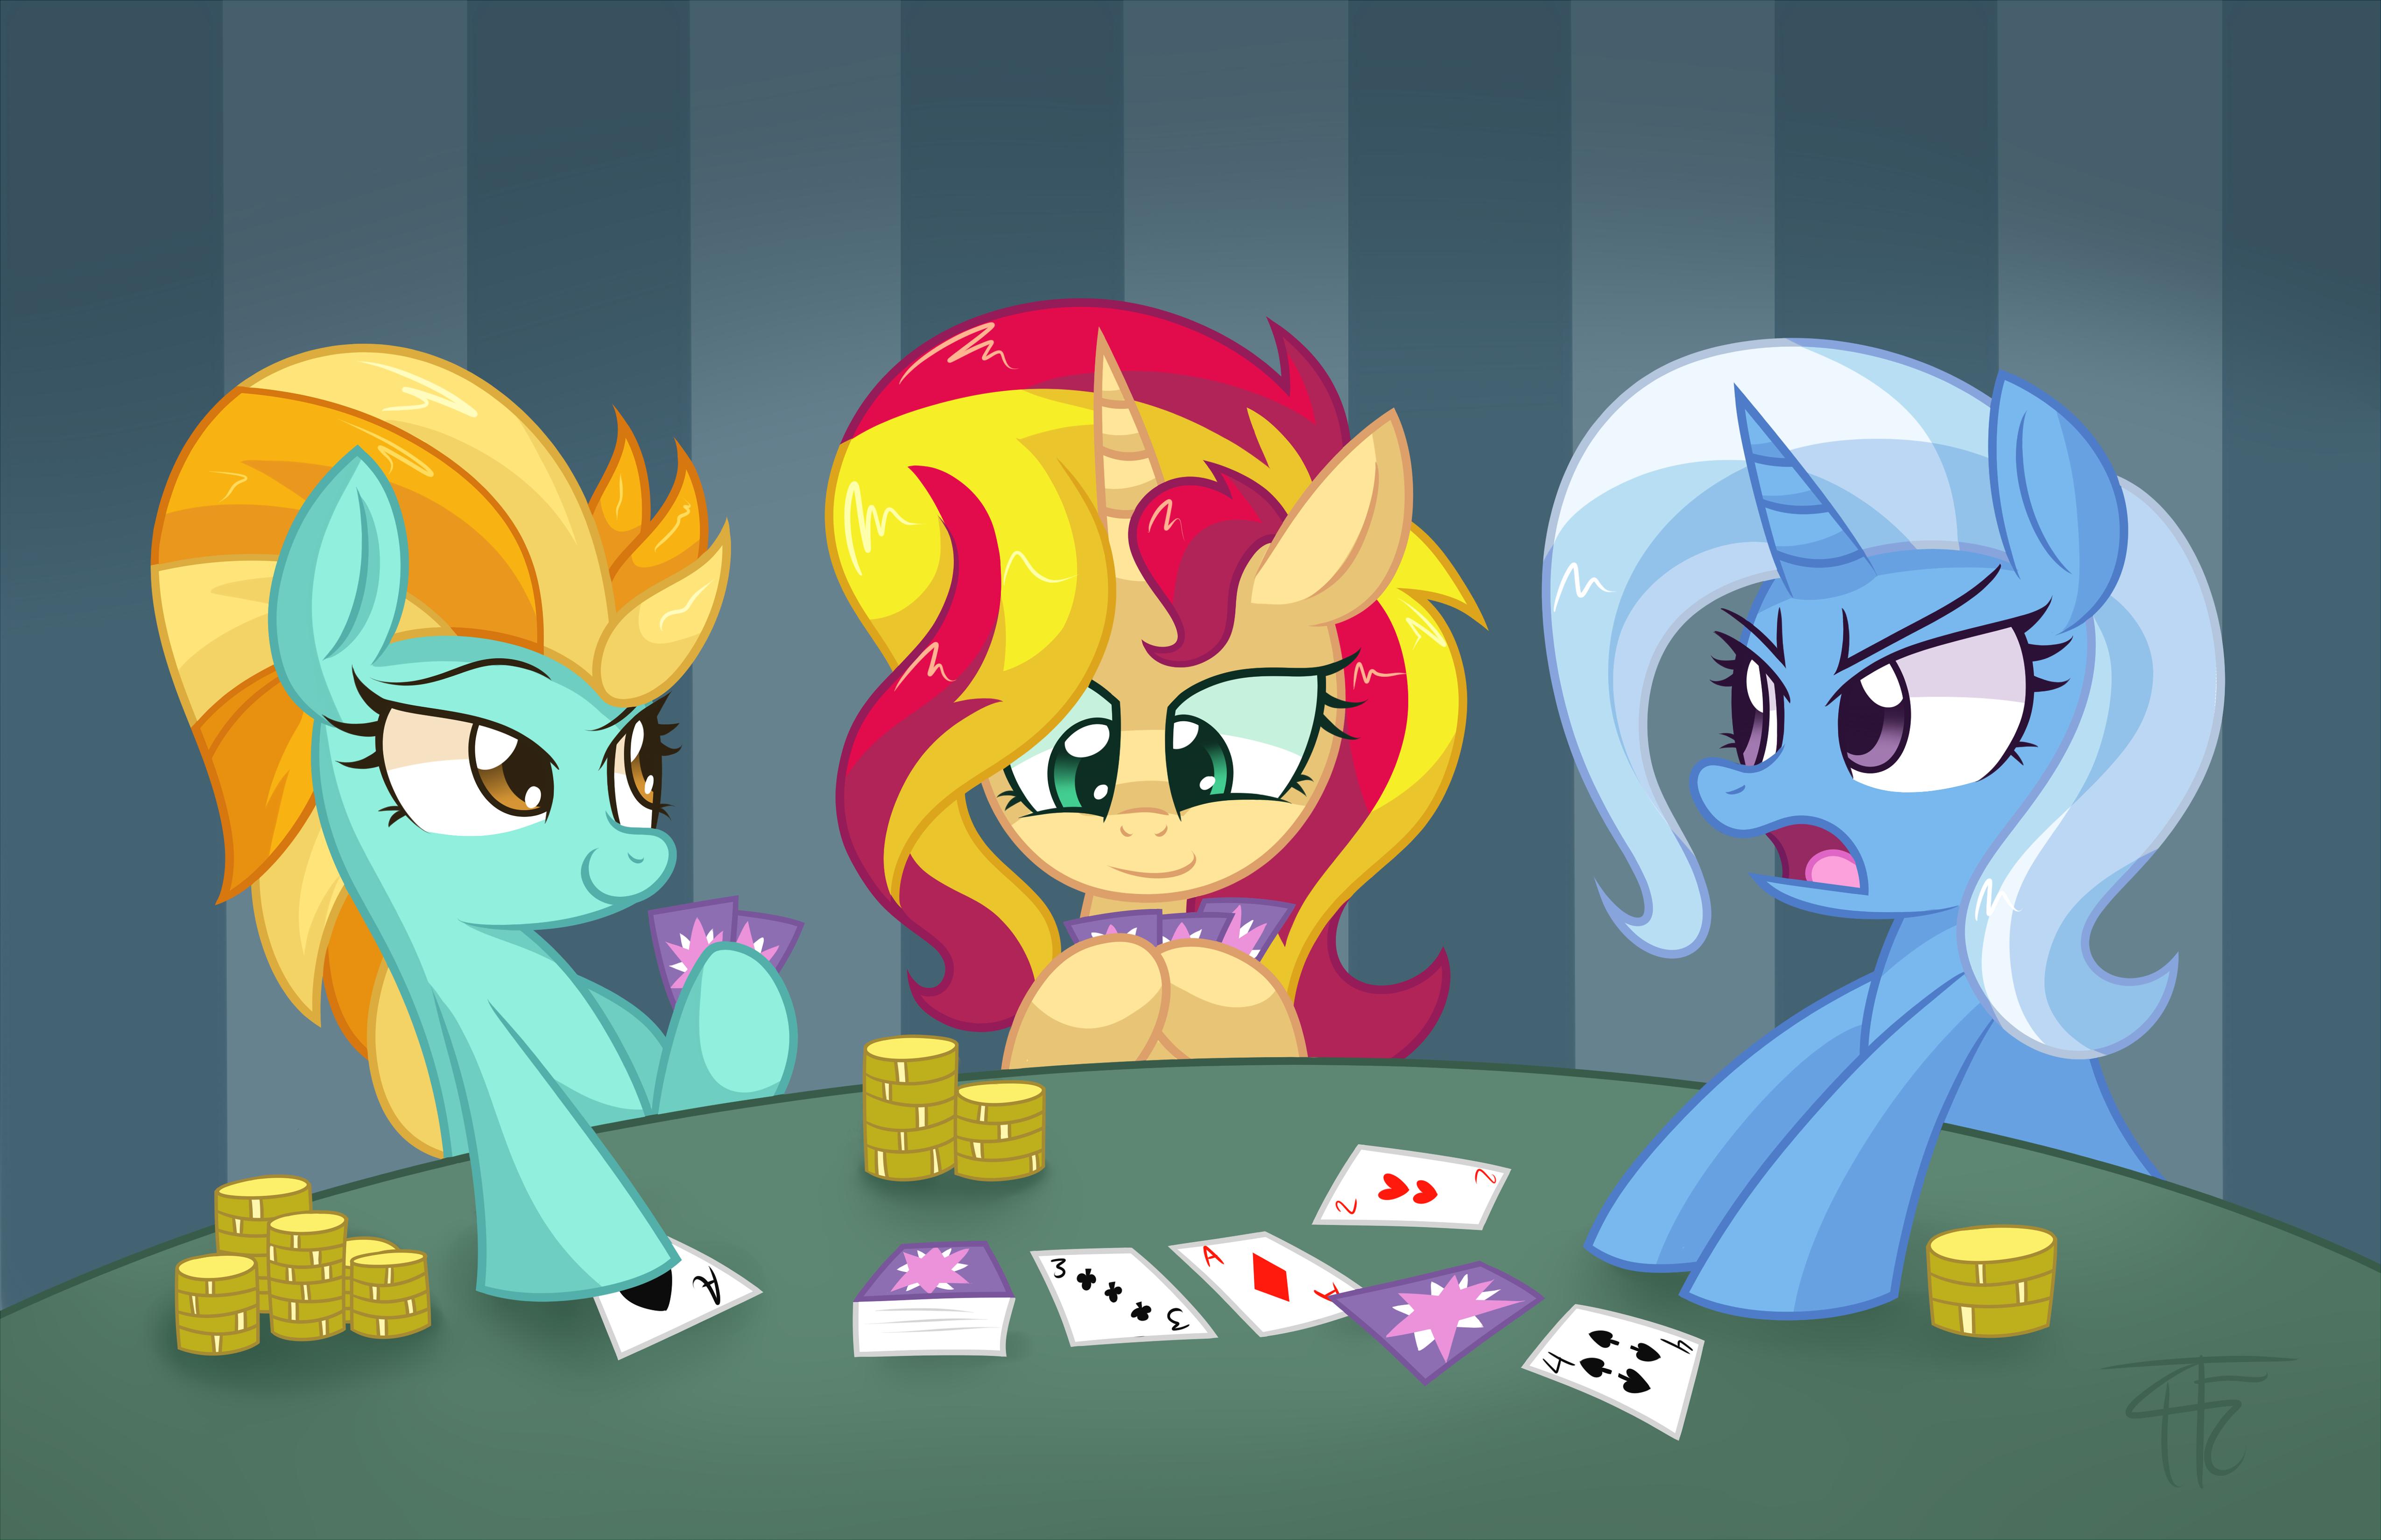 Sunset poker